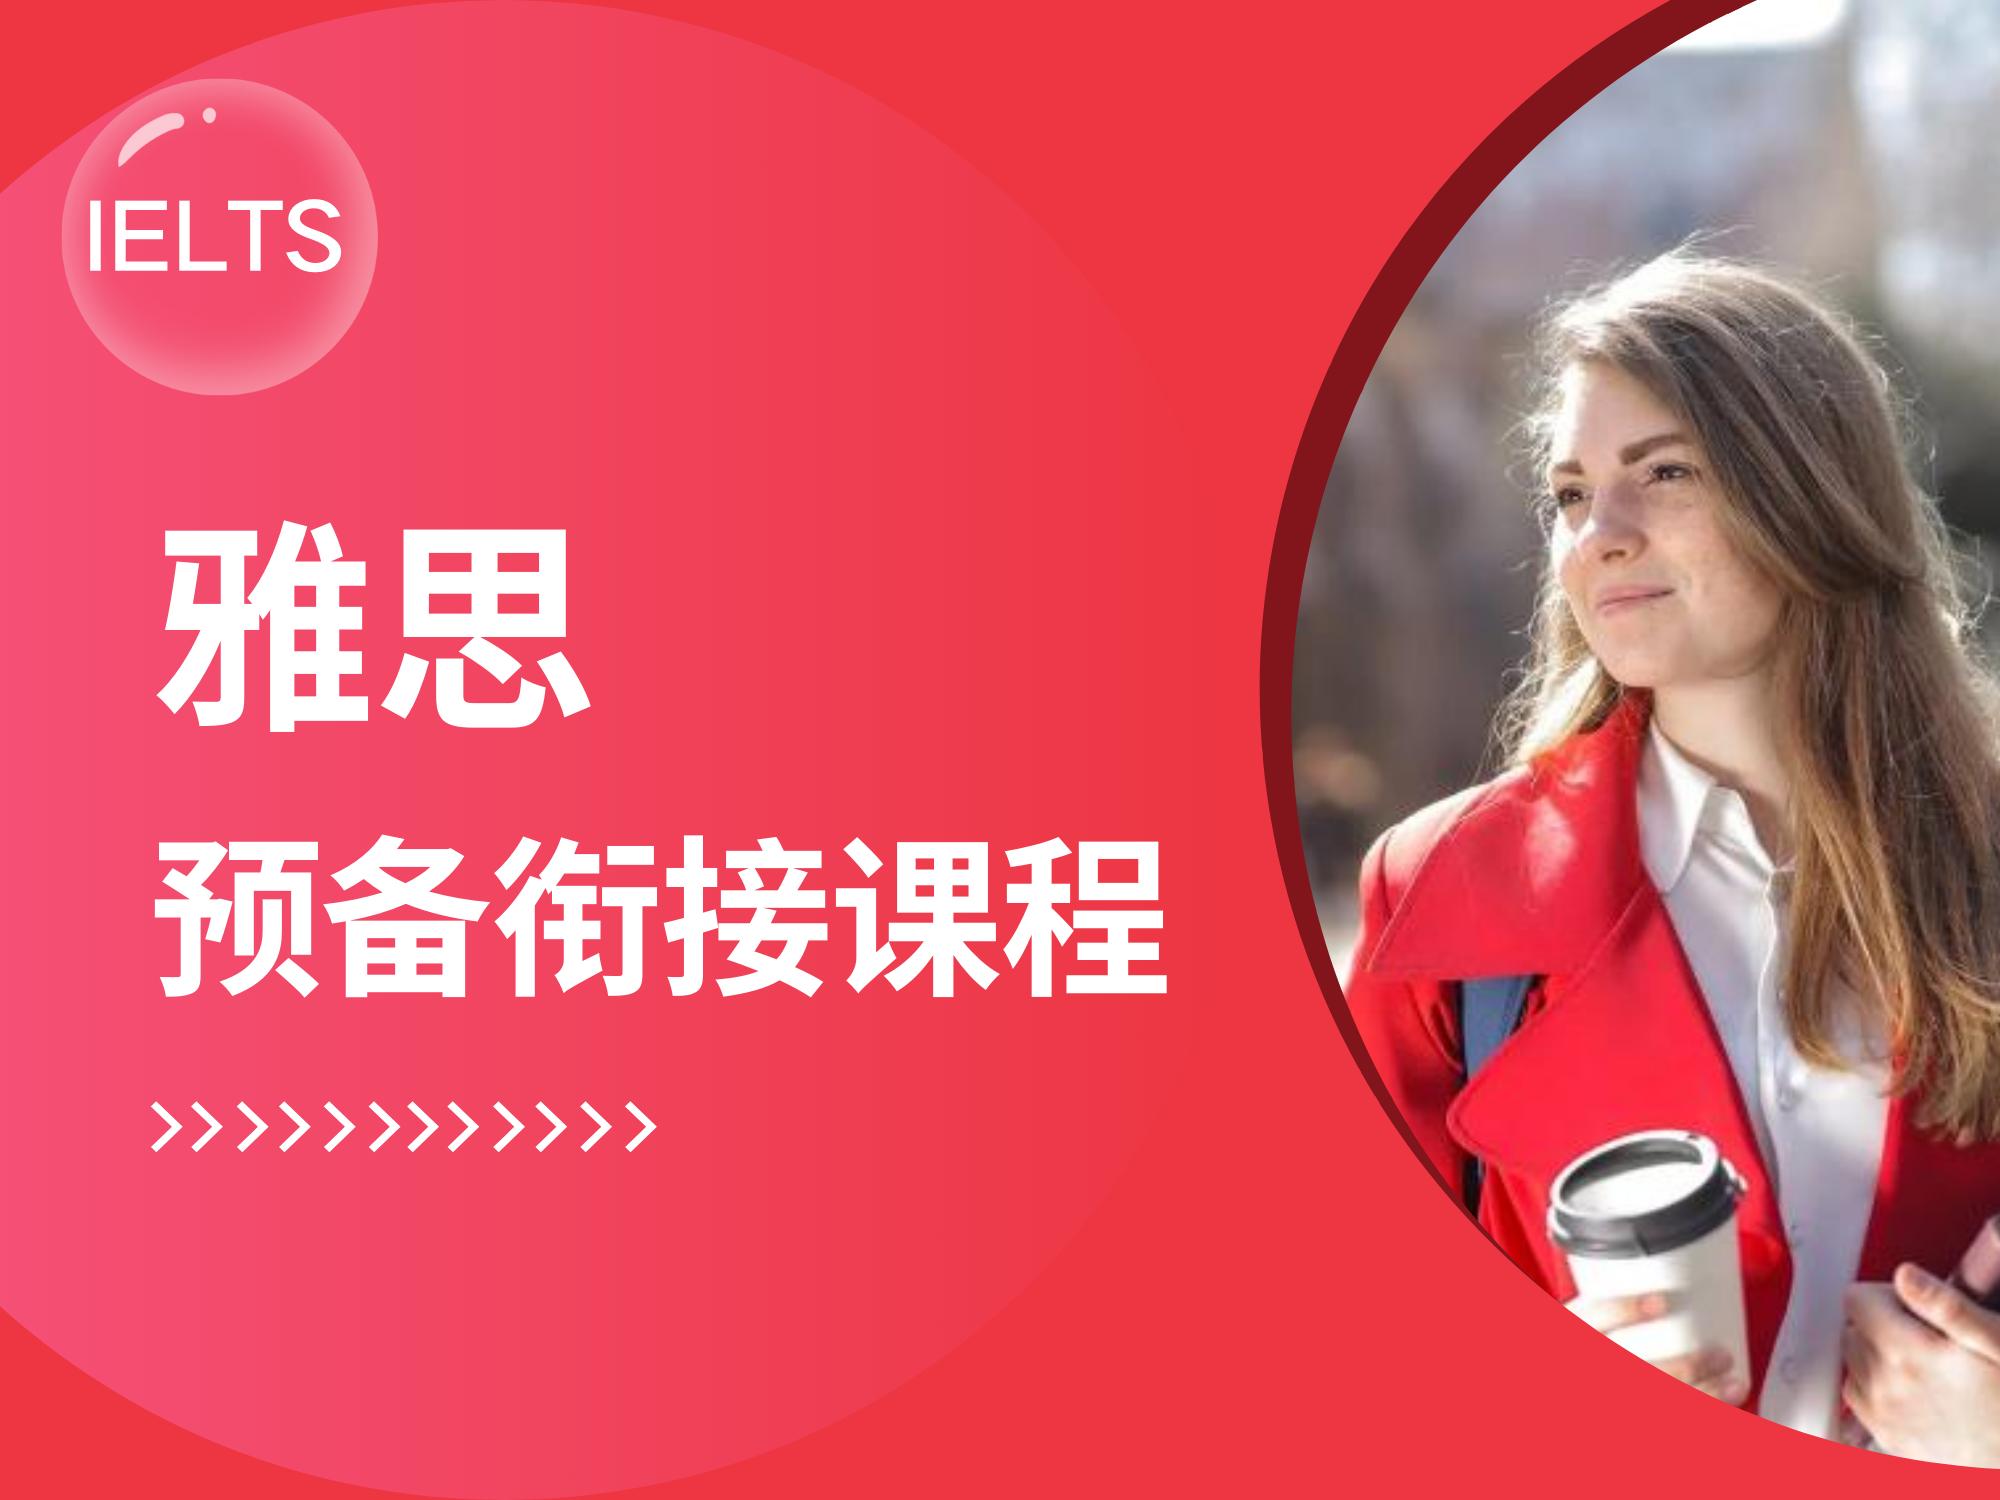 青岛暑假雅思预备课程(3级)正在报名中